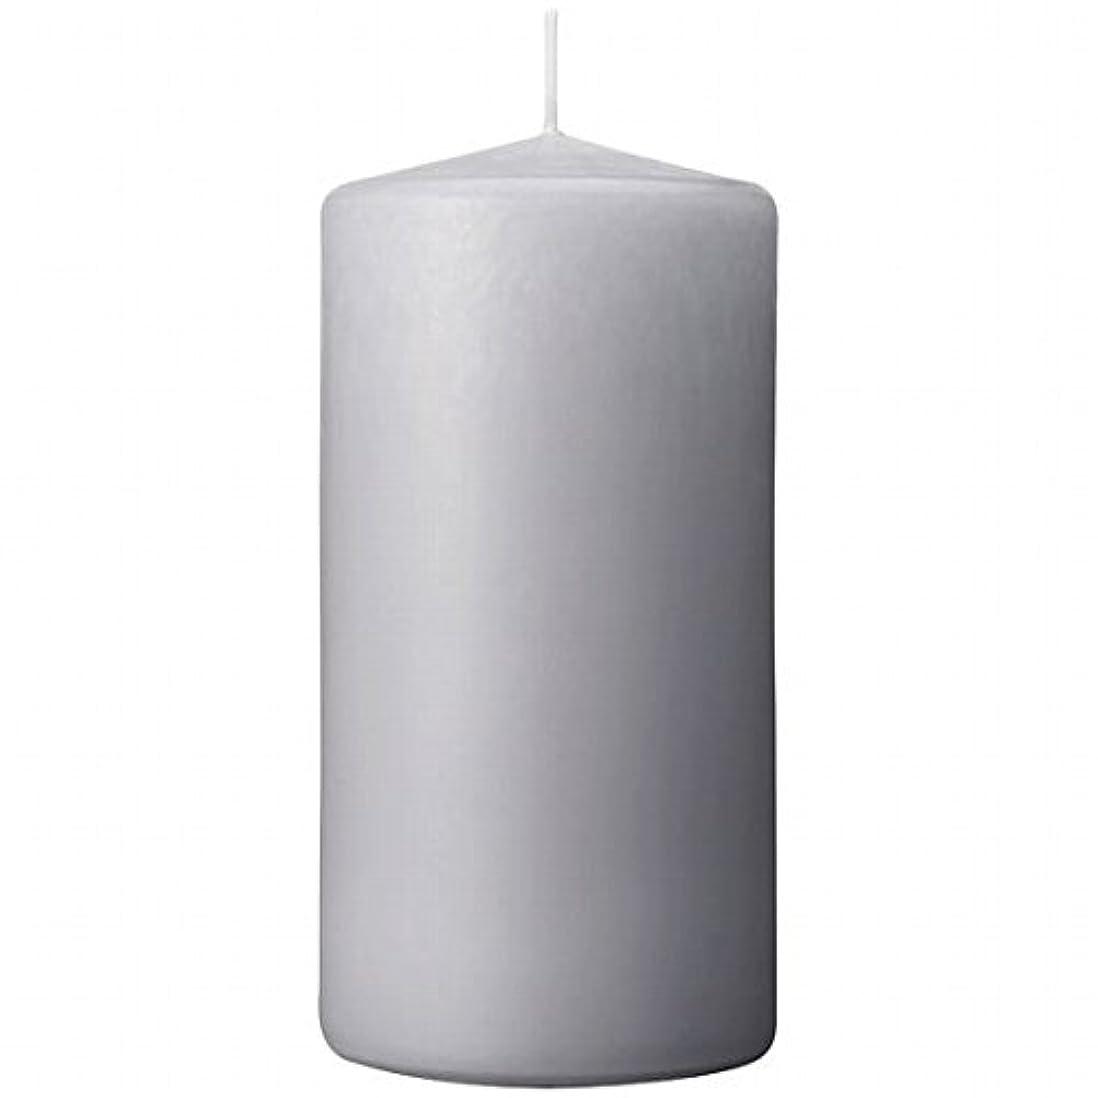 機知に富んだ家族略語カメヤマキャンドル(kameyama candle) 3×6ベルトップピラーキャンドル 「 ライトグレー 」